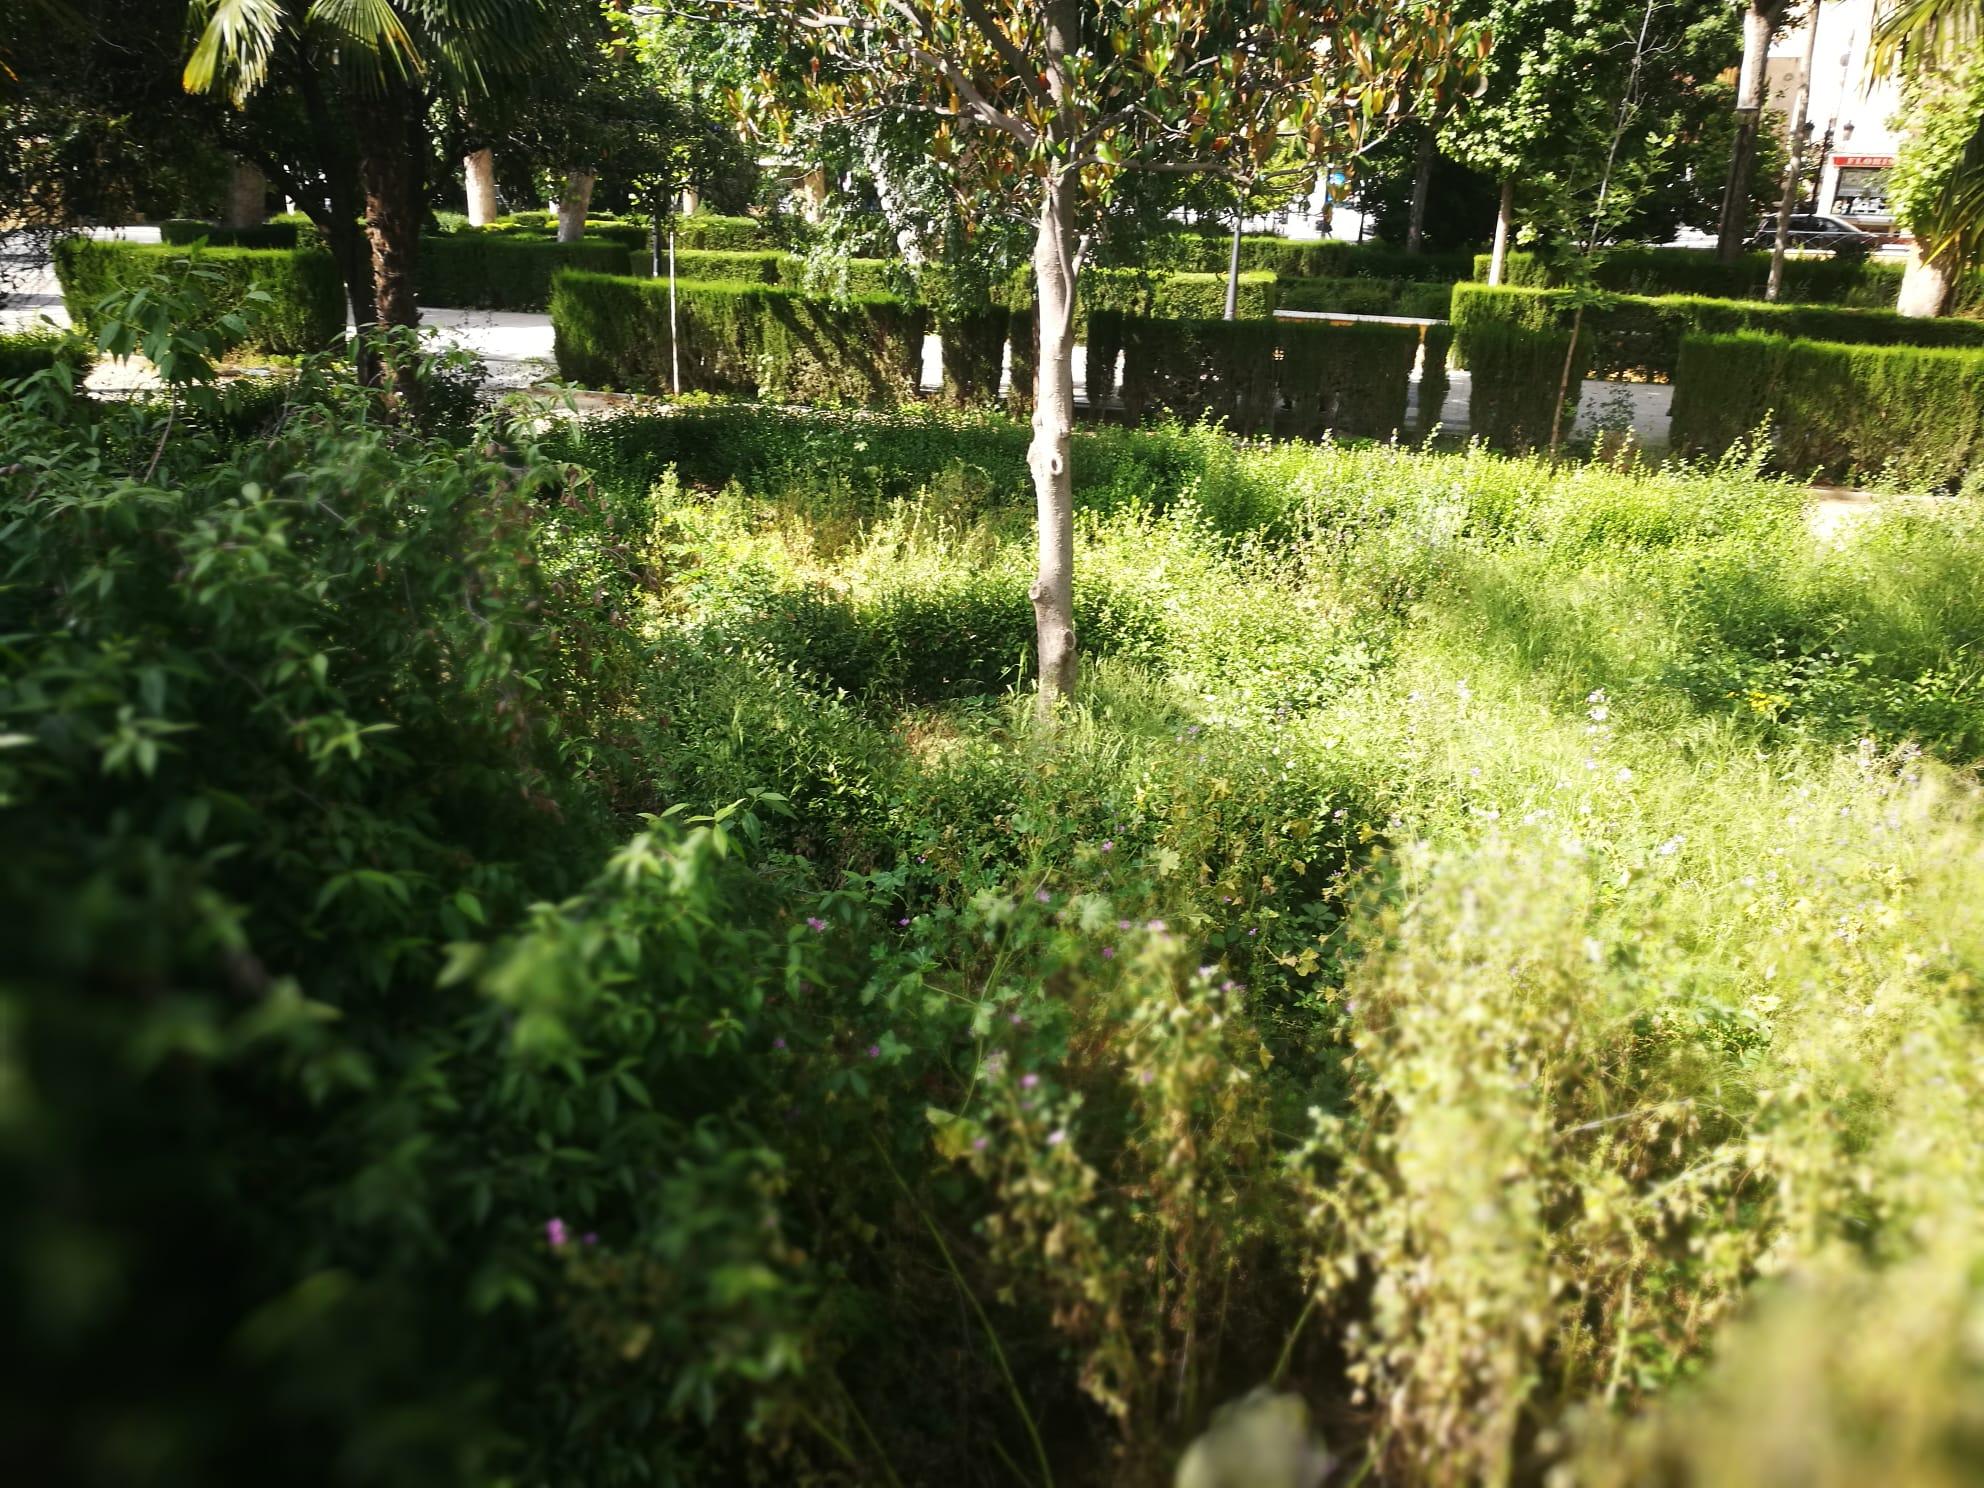 El PSOE de Guadix se lamenta del deterioro y dejadez de parques, jardines y ramblas urbanas